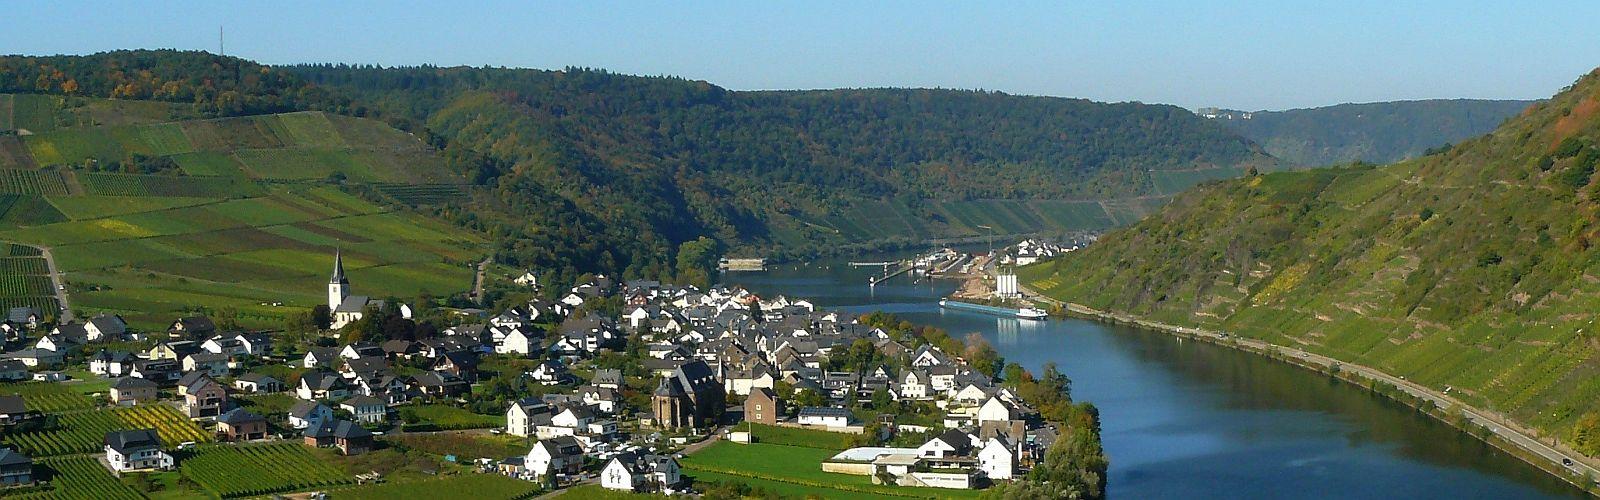 Duitsland Rheinhessen